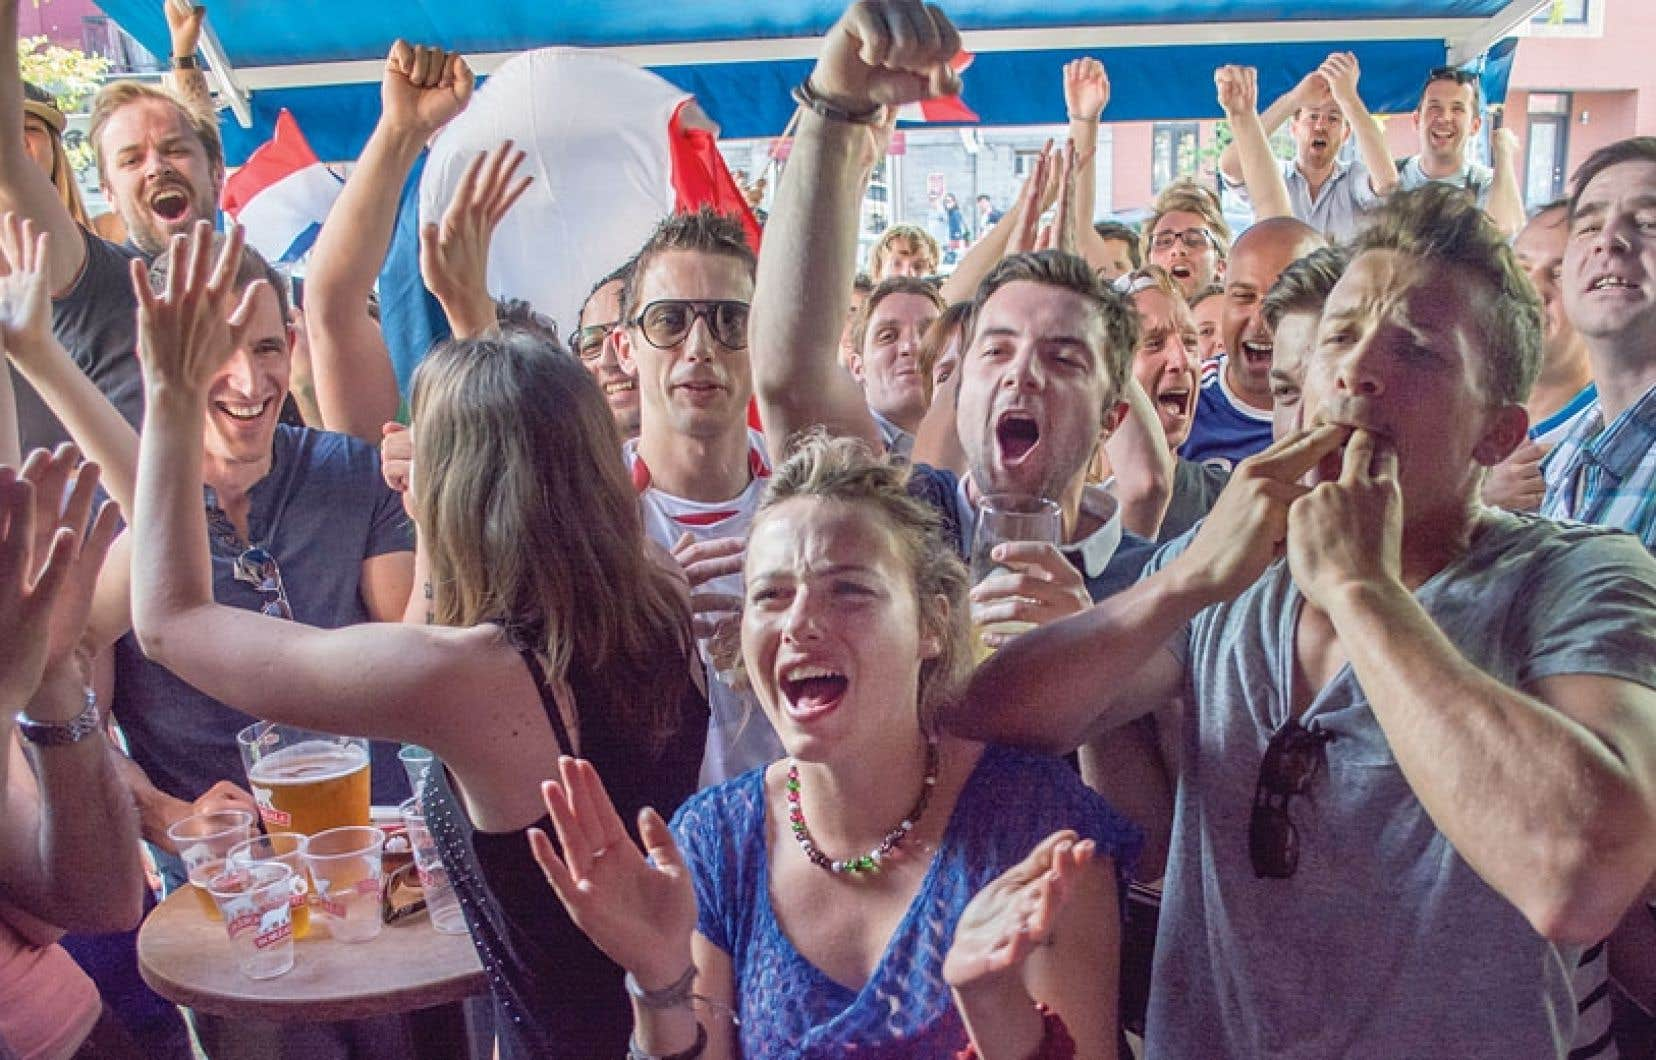 Des partisans heureux ont laissé exploser leur joie dimanche, après le troisième but de l'équipe de France, quia battu le Honduras 3 à 0 pour son entrée en scène au Mondial brésilien. Ils étaient réunis à Montréal au bistro marseillais Le Massilia et ont enfin pu tourner la page d'un Mondial sud-africain catastrophique en 2010. Les Bleus avaient atteint la finale de la Coupe du monde il y a huit ans en Allemagne.